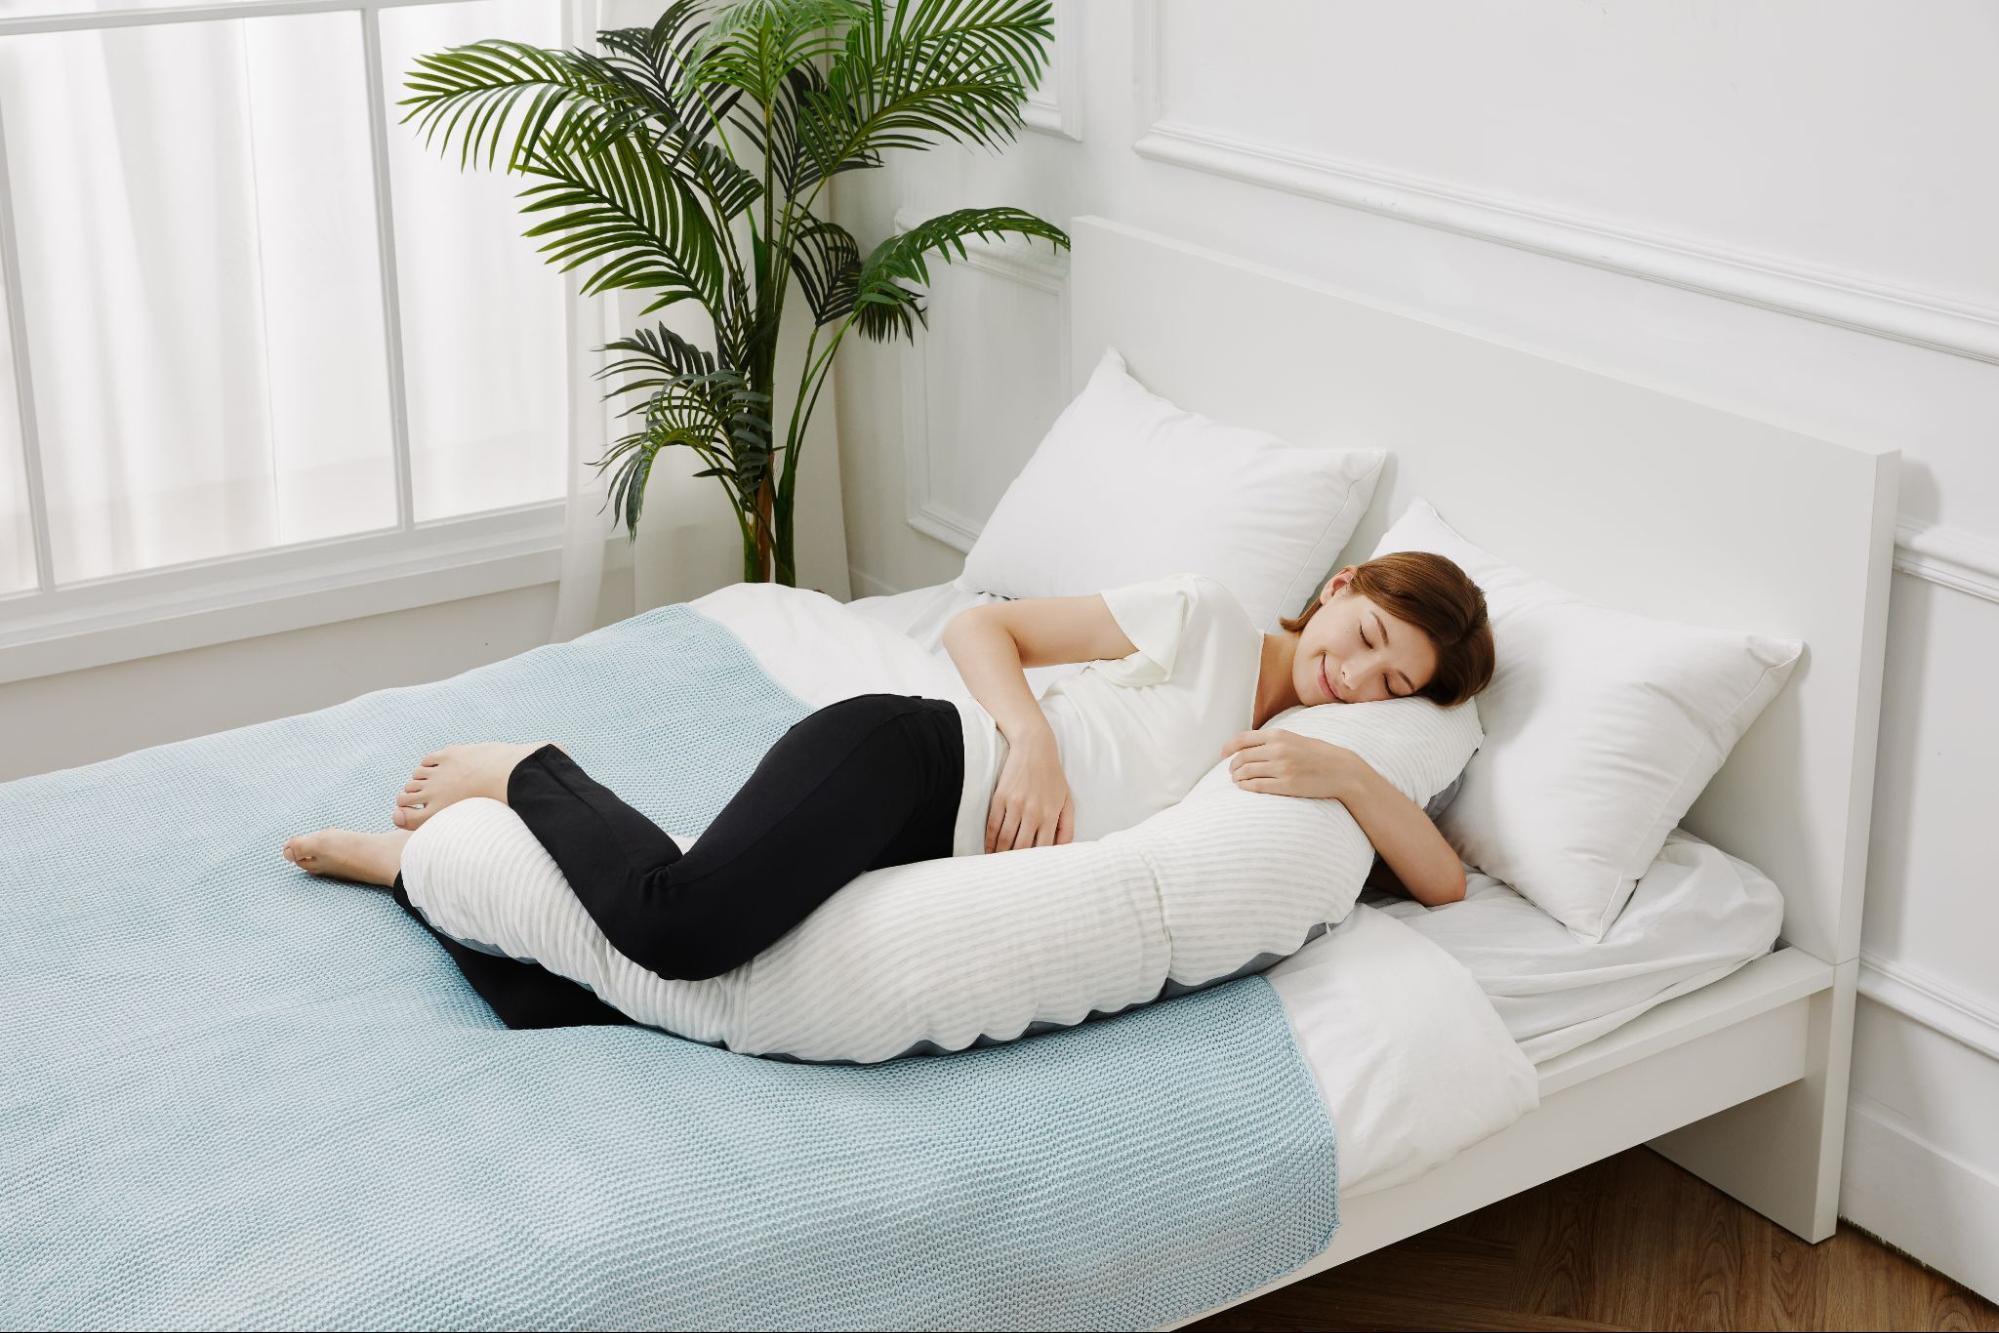 月亮枕孕婦枕用法介紹